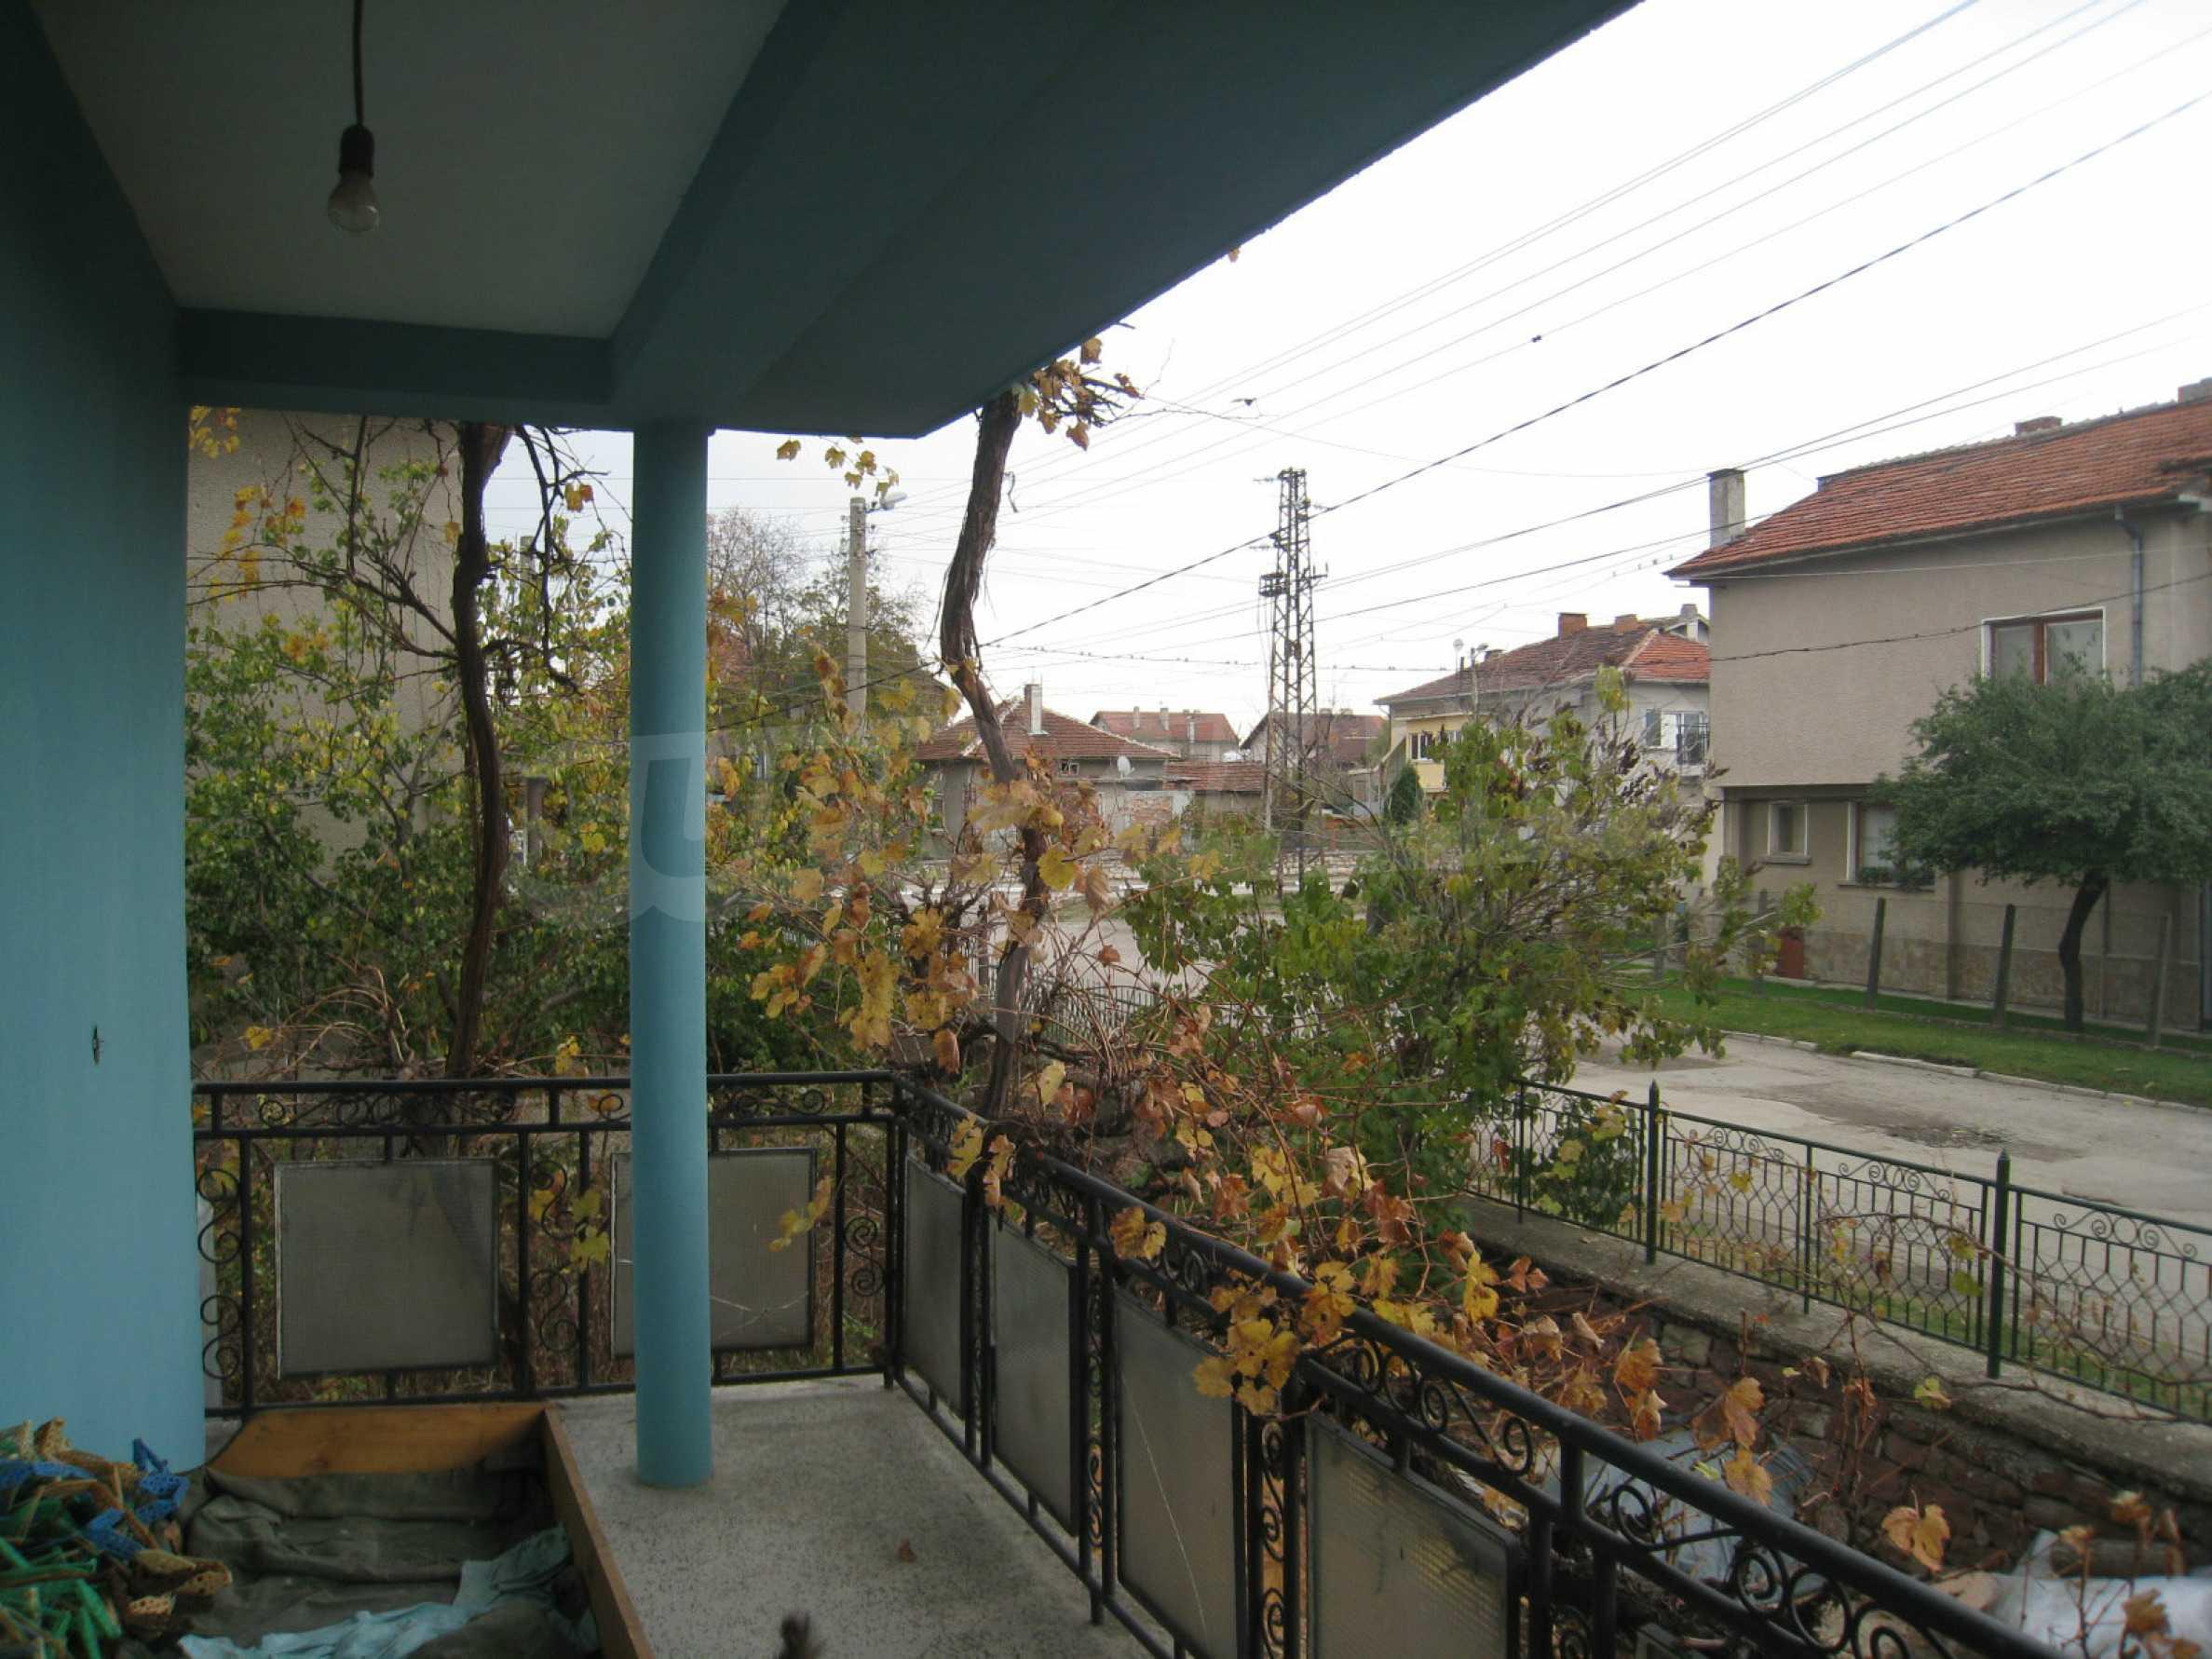 Großes zweistöckiges Haus mit Hof in einem Dorf in der Nähe von Sofia 13